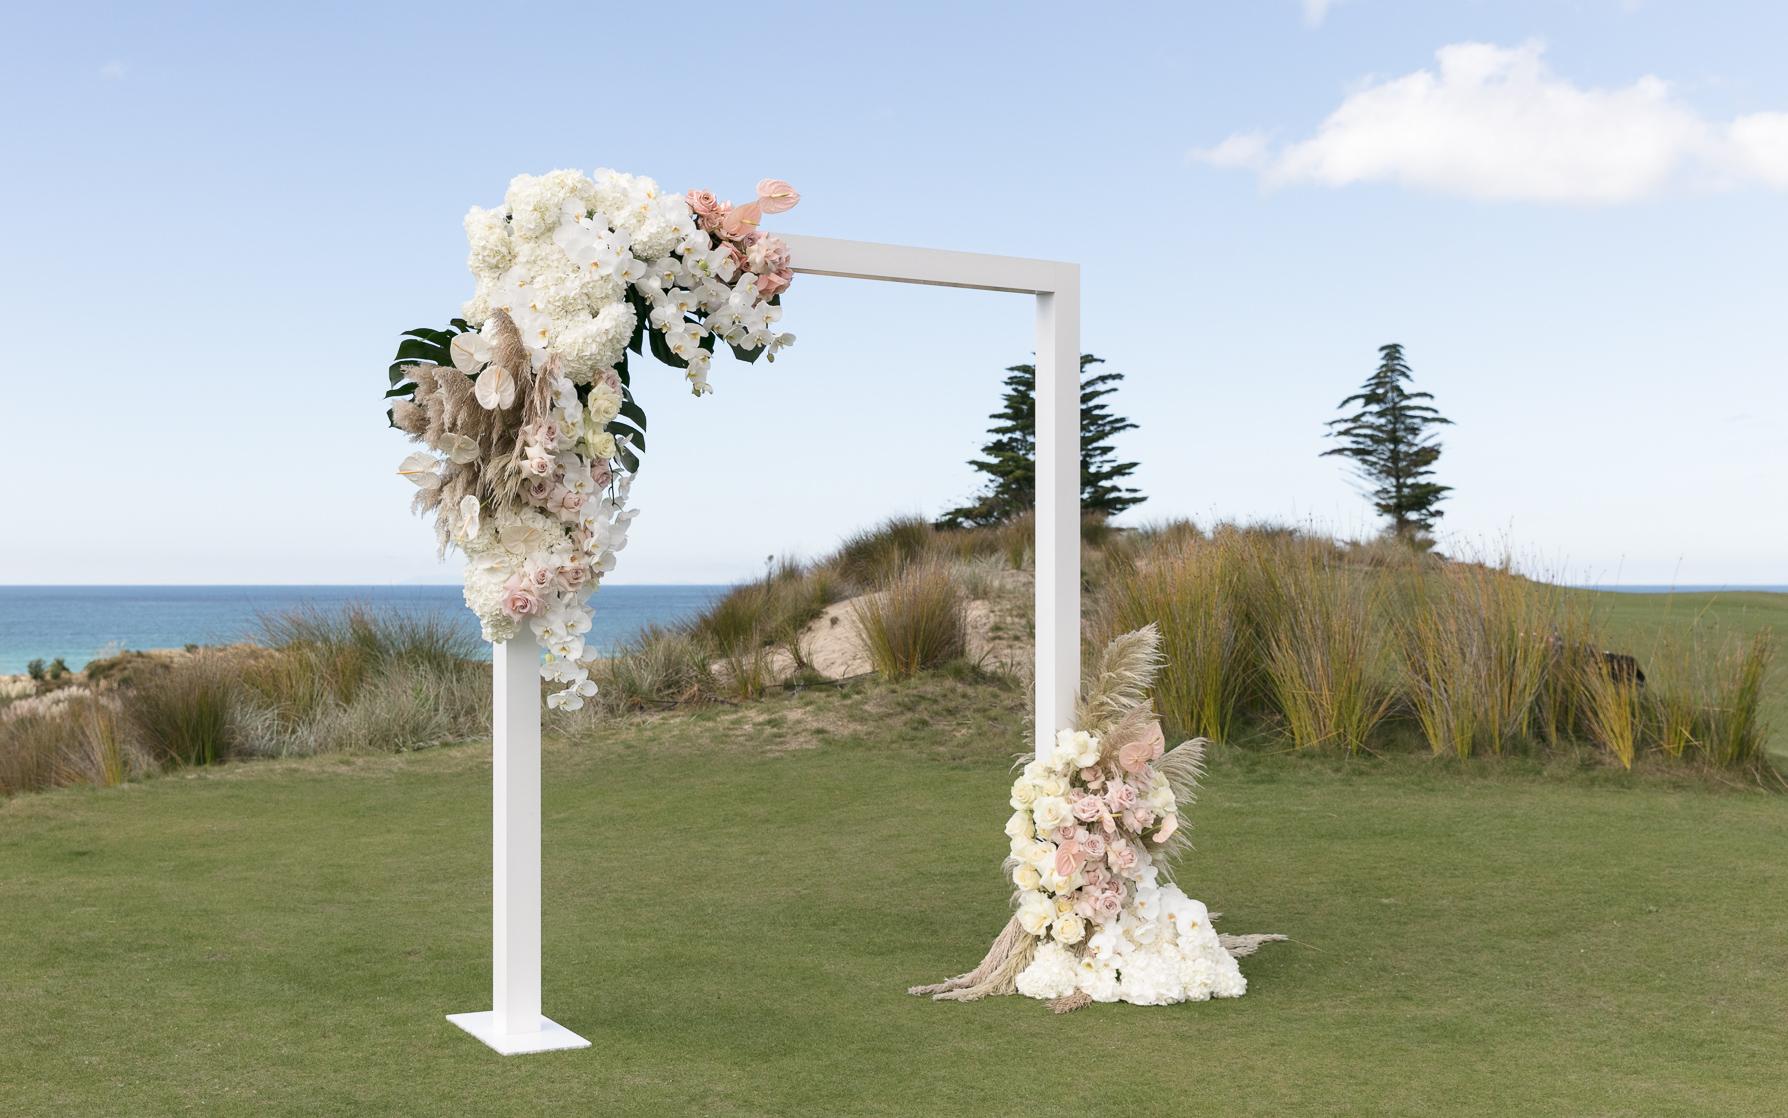 ©MichelleWeir-Blush-TaraIti-Wedding-72dpi-009.jpg